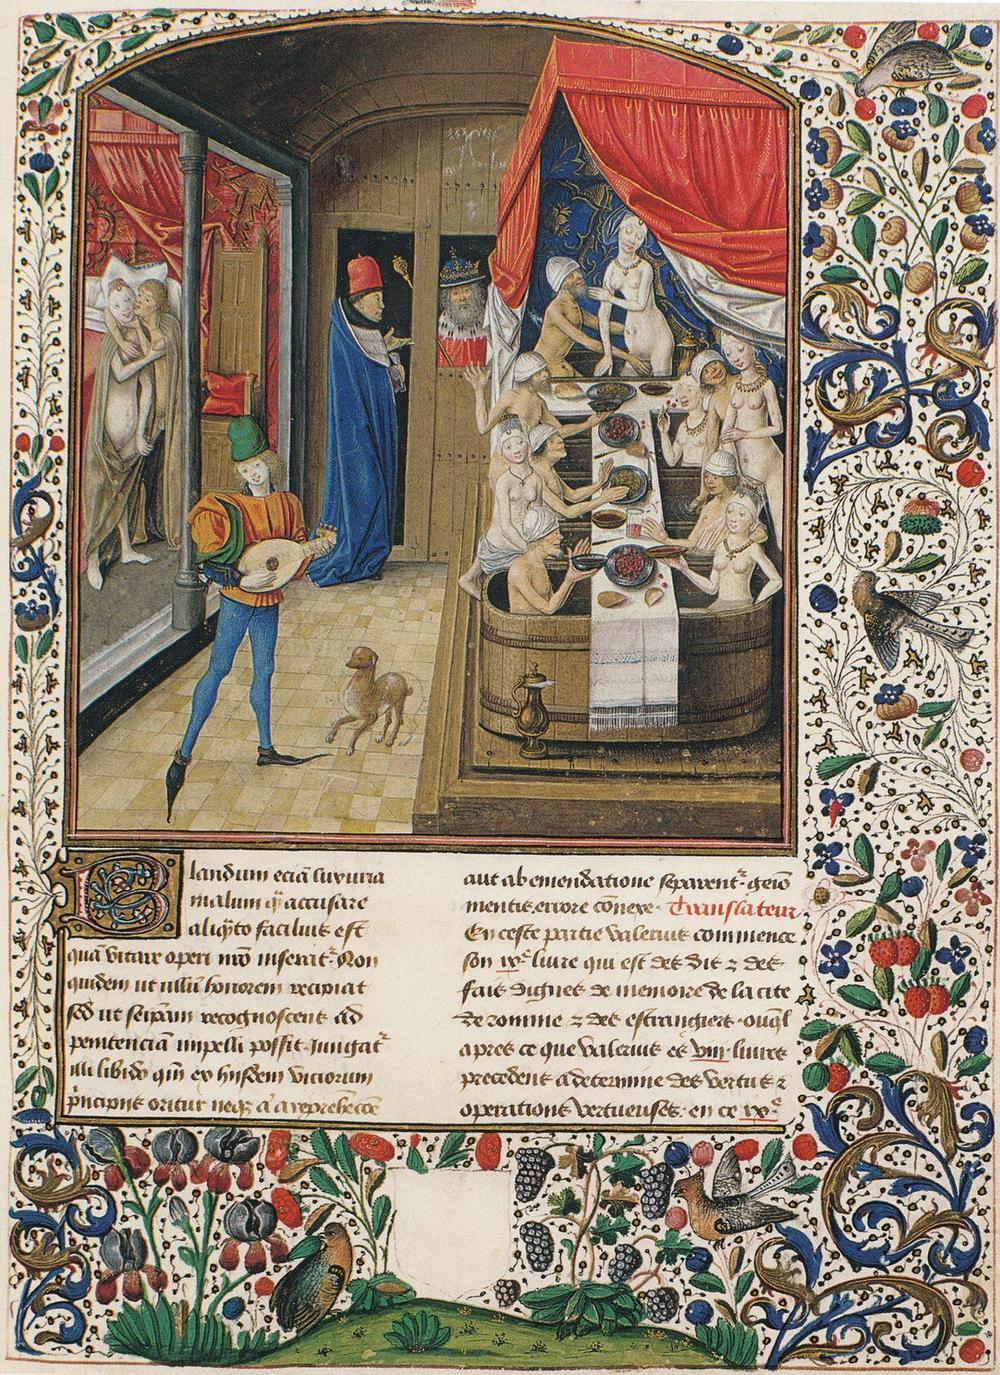 Een gemengde badstoof. Miniatuur geschilderd in 1470 door de in Brugge werkzame Philippe de Mazerolles. (GF)